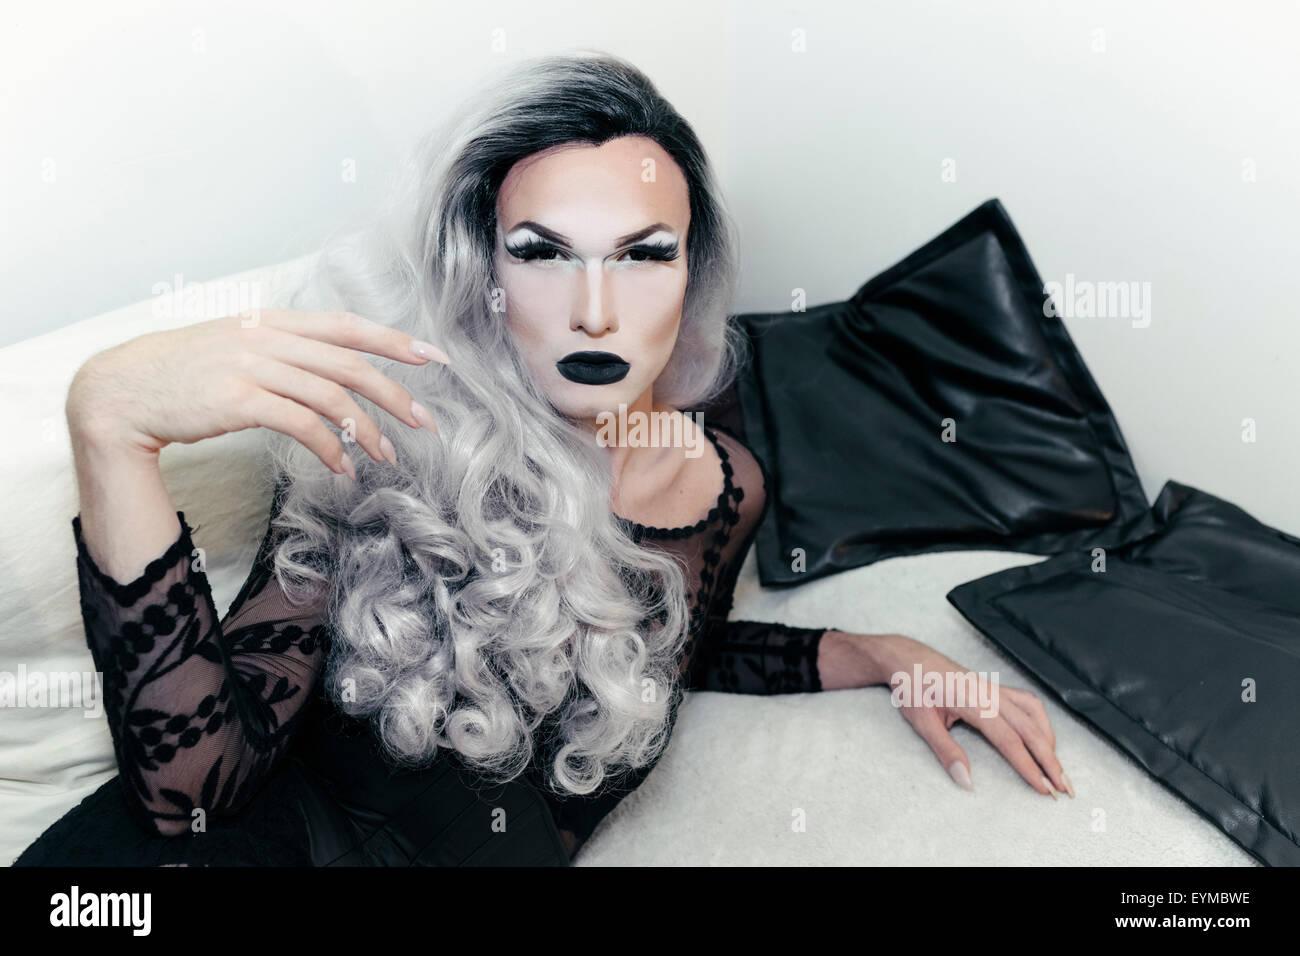 Drag Queen macho posando para pin-up style glamour retrato en casa. Foto de stock